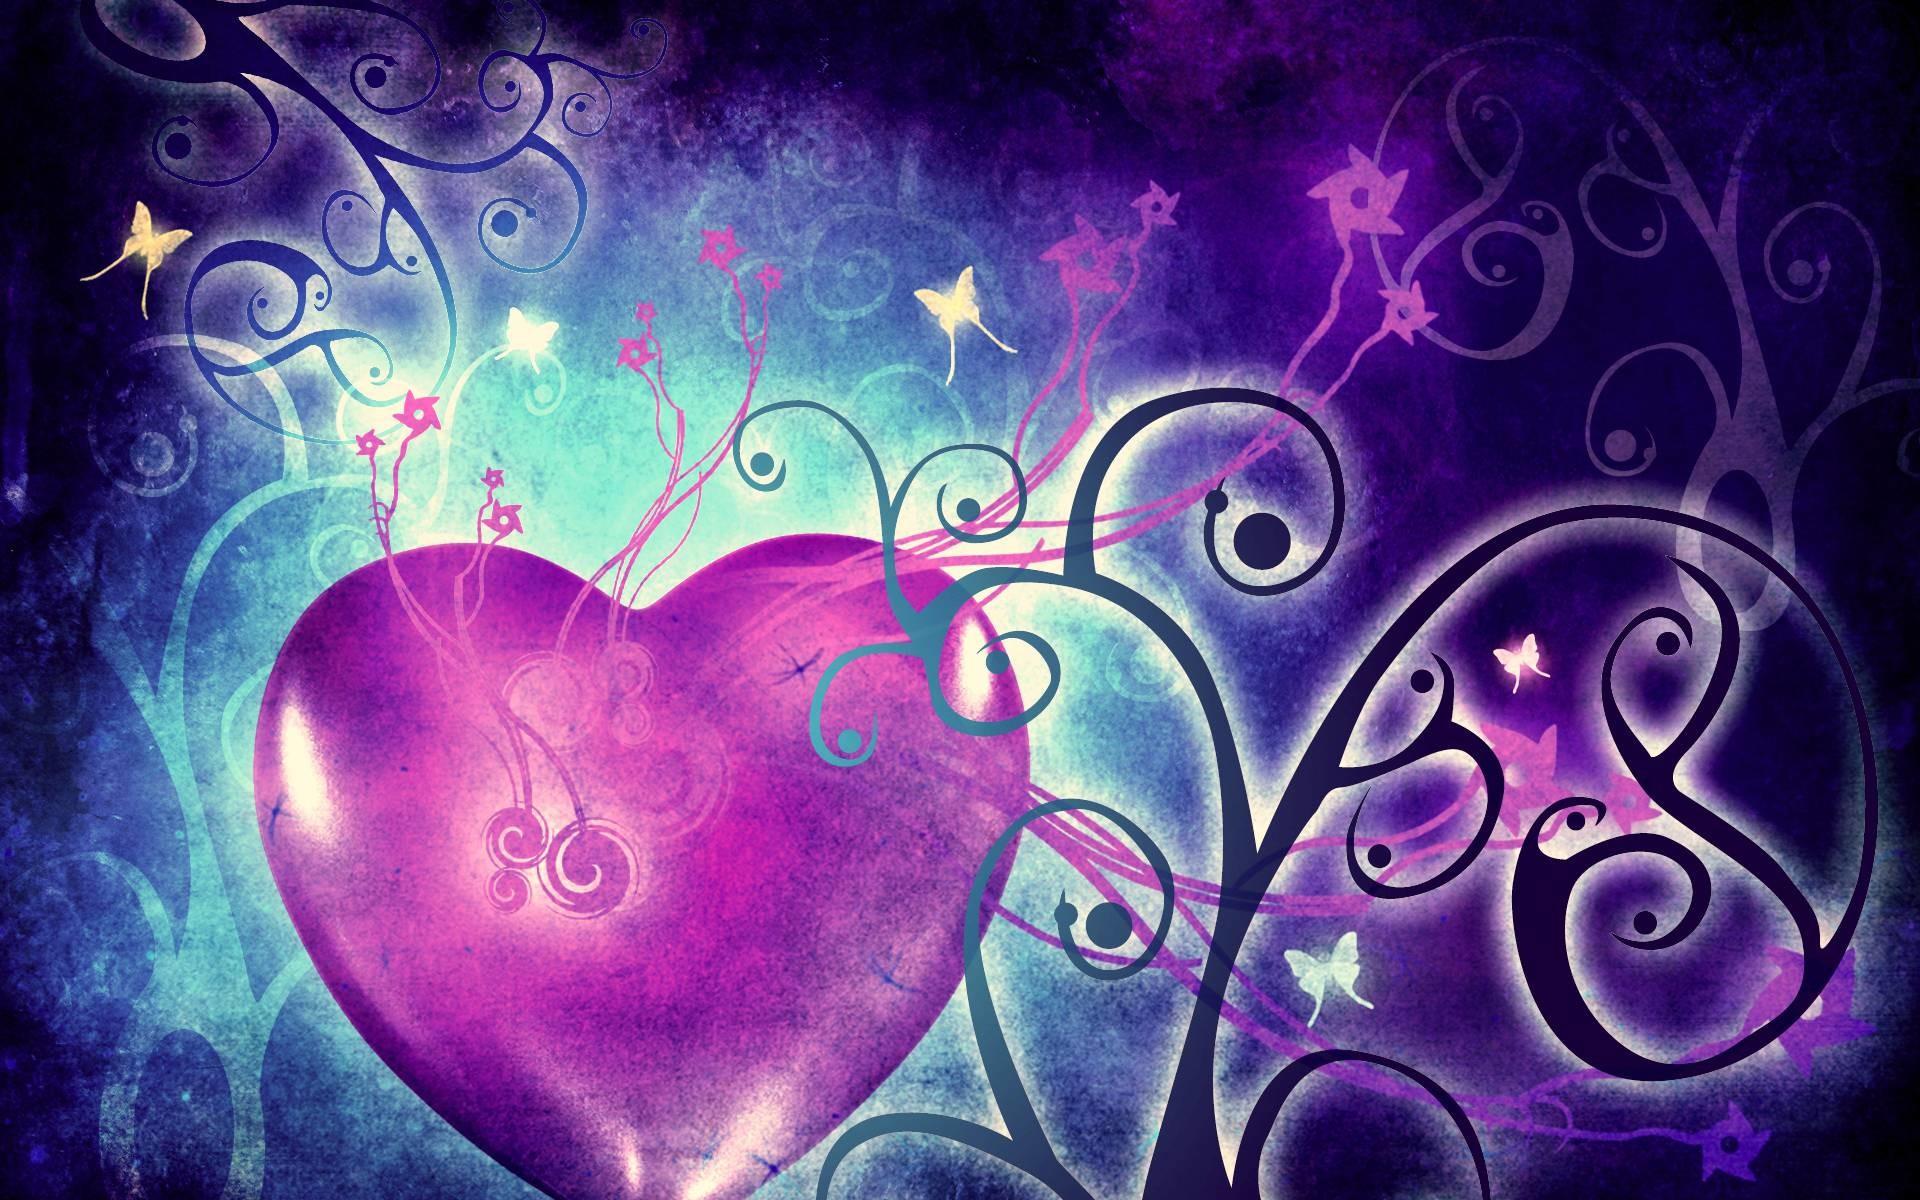 Hearts Wallpaper Images #k1d7 px 315.34 KB LoveRed Hearts  Wallpaper. Hearts. Hearts